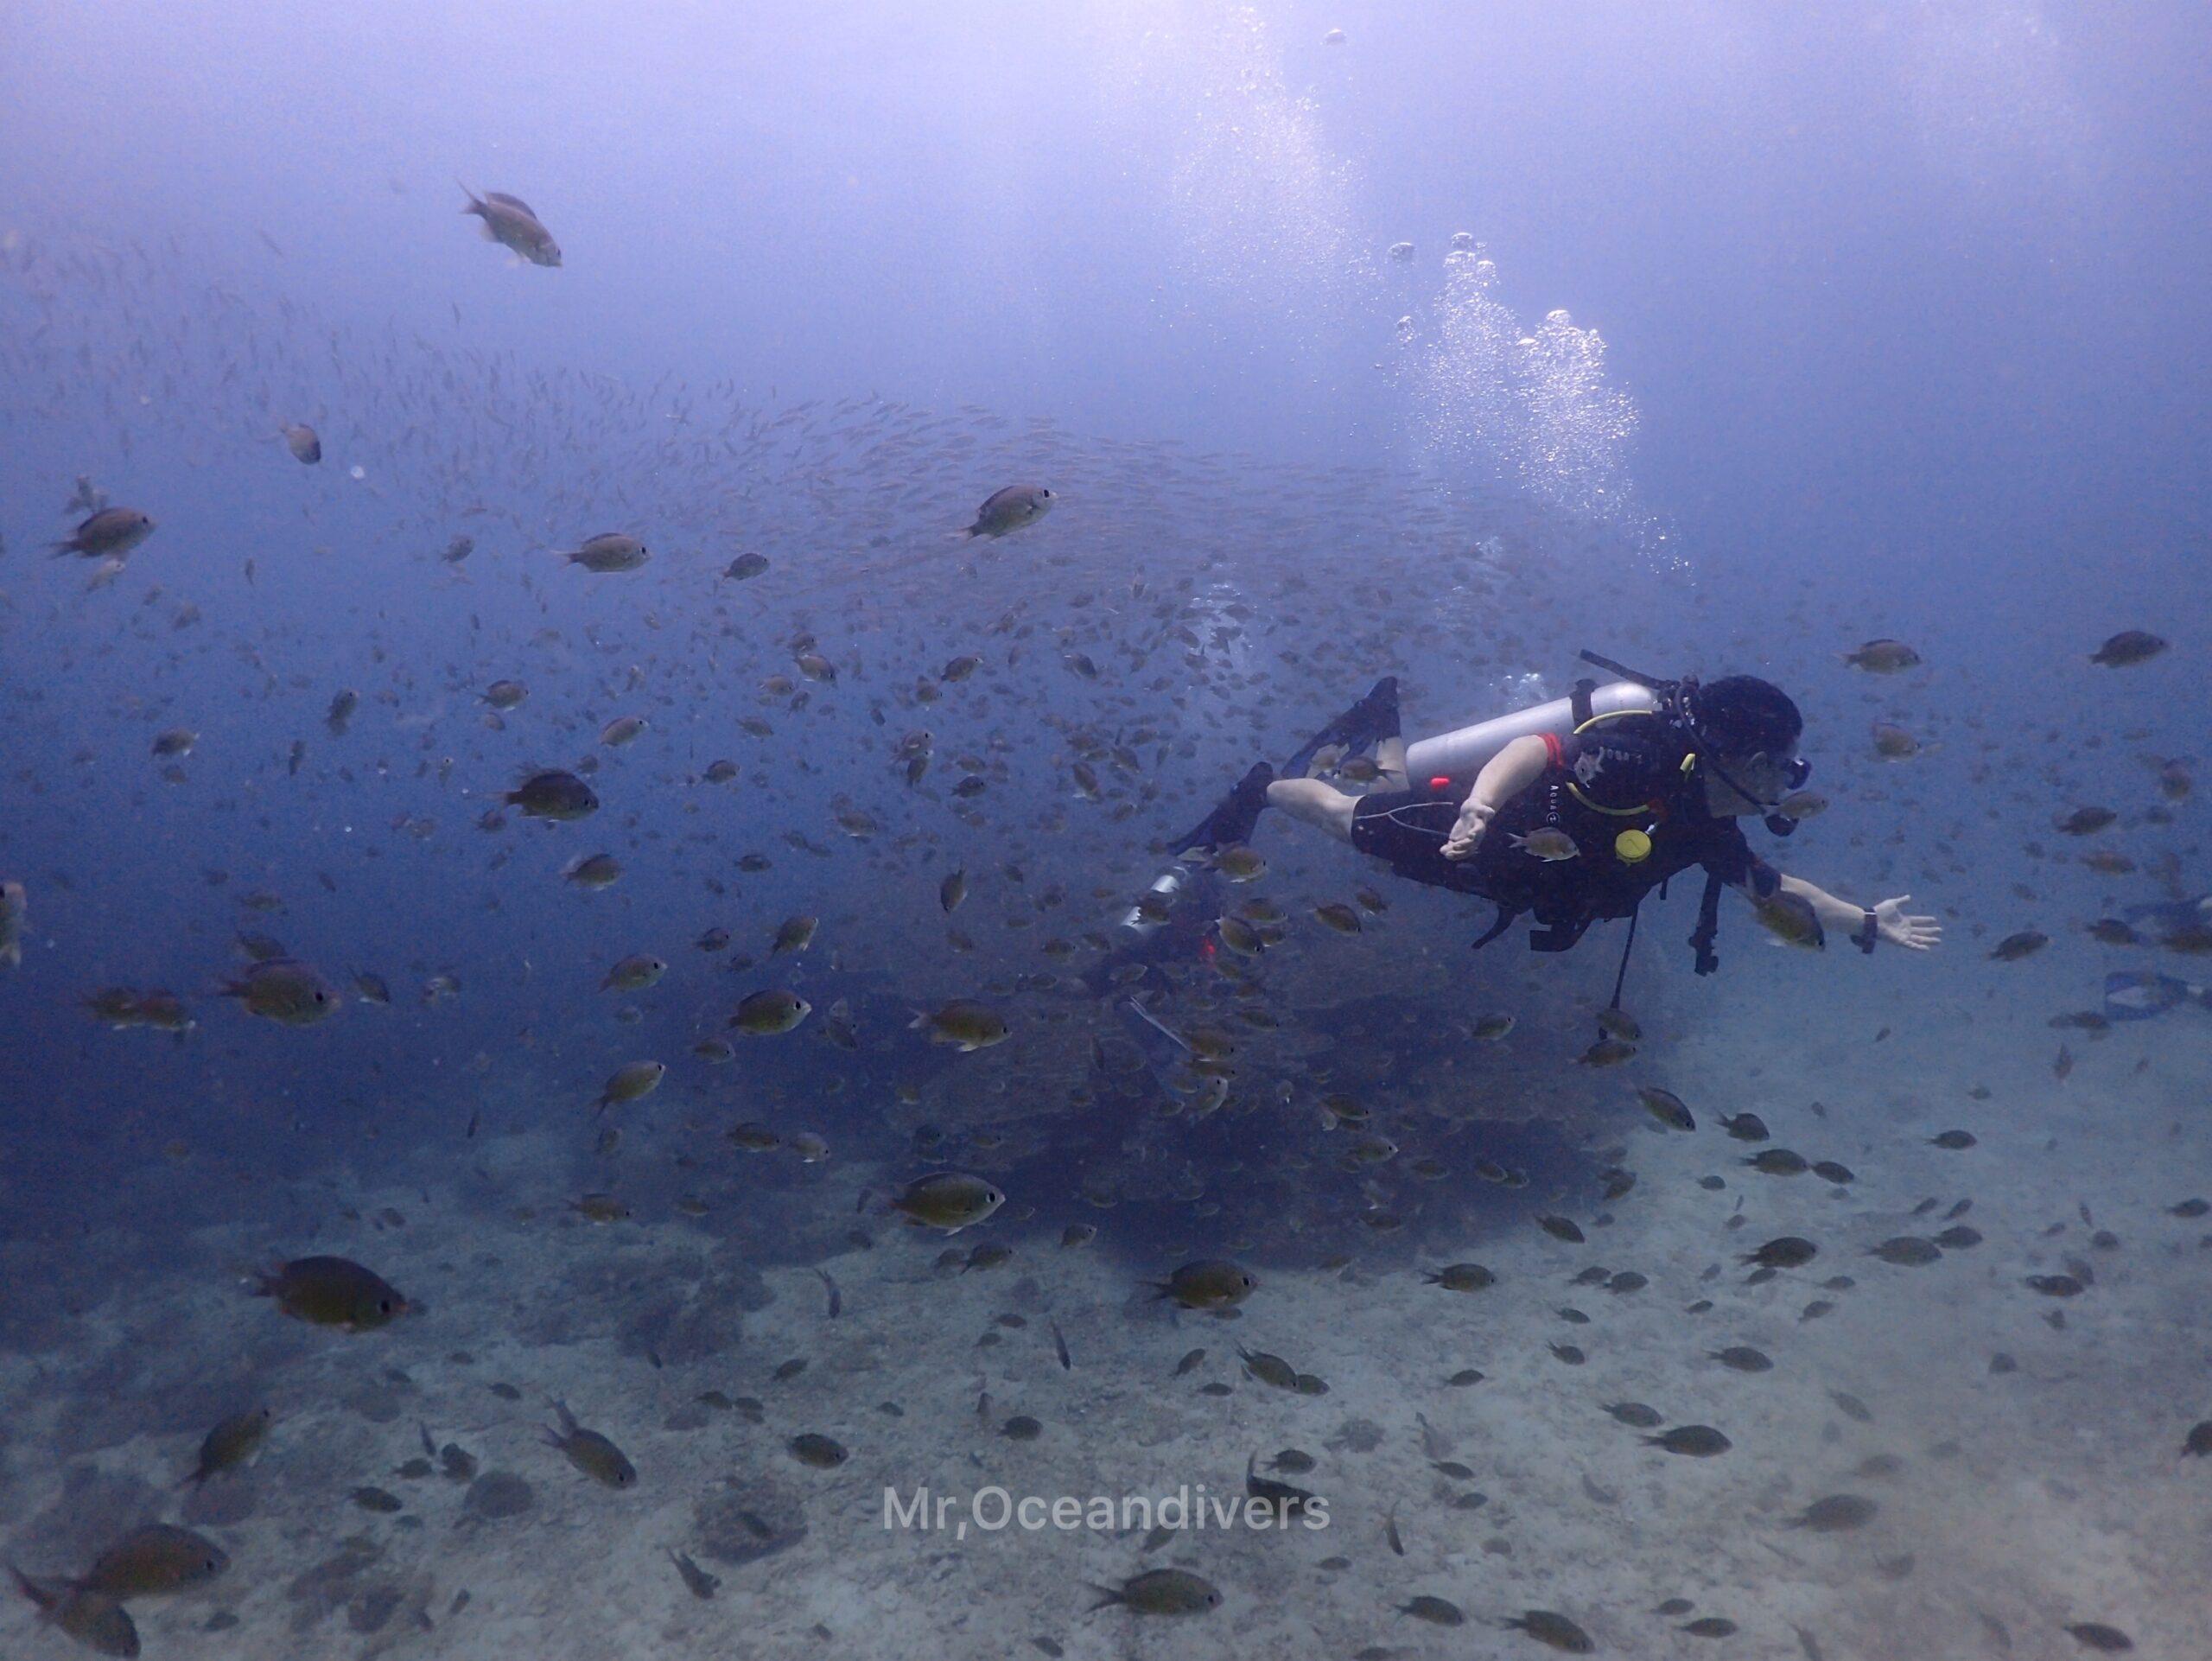 ピピ島でダイビング ダスキークロミスの中を泳ぐダイバー